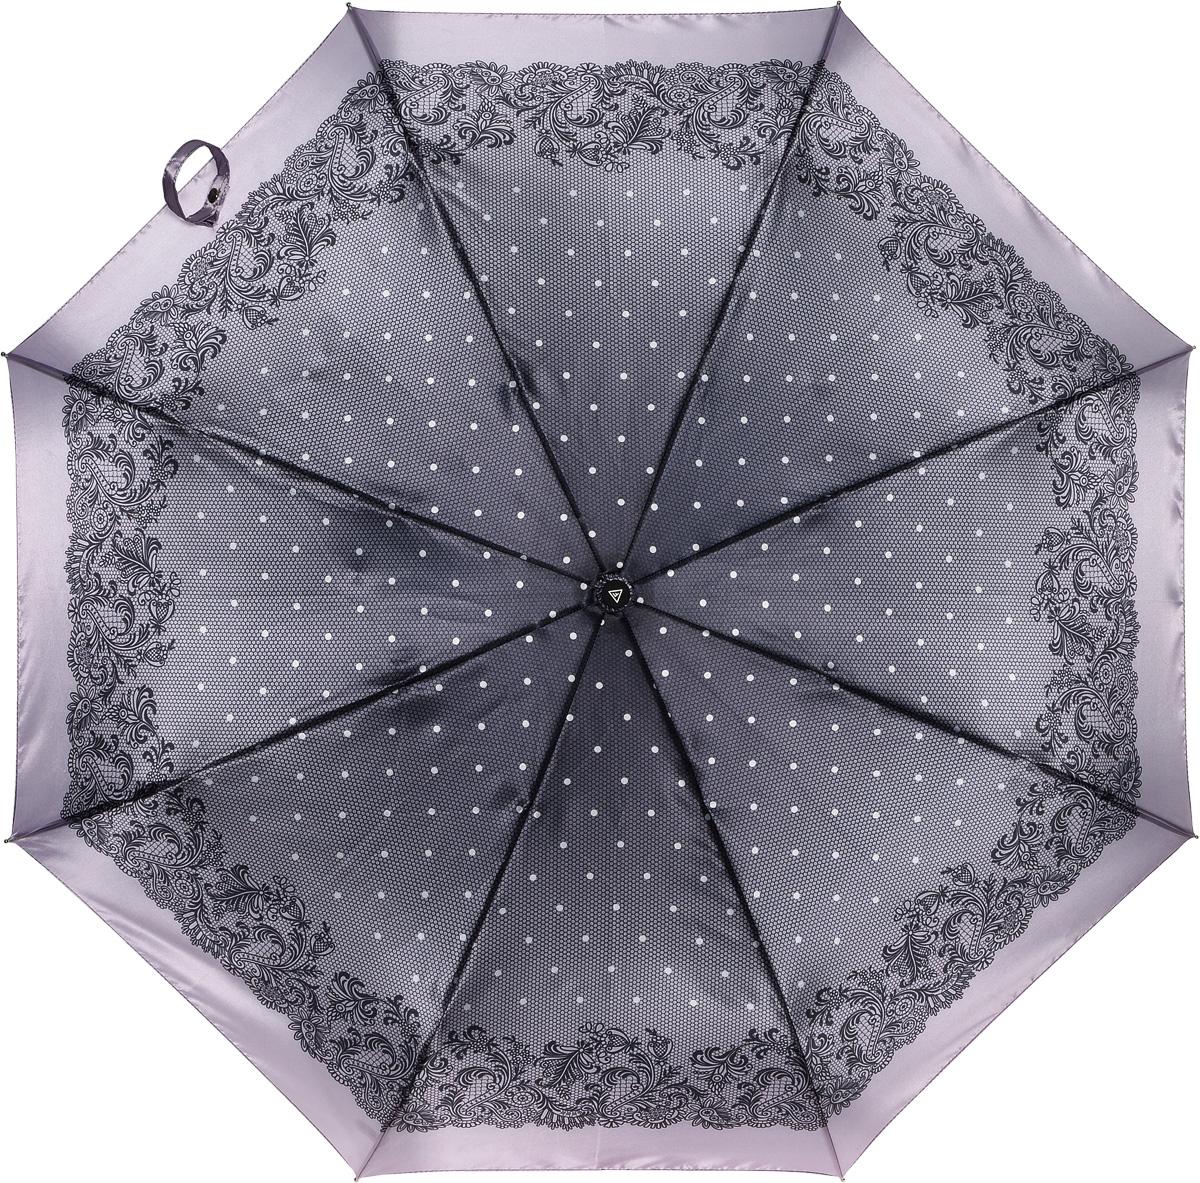 Зонт женский Fabretti, полный автомат, 3 сложения, цвет: серый. S-16100-9S-16100-9Зонт женский Fabretti, суперавтомат, 3 сложения, сатин